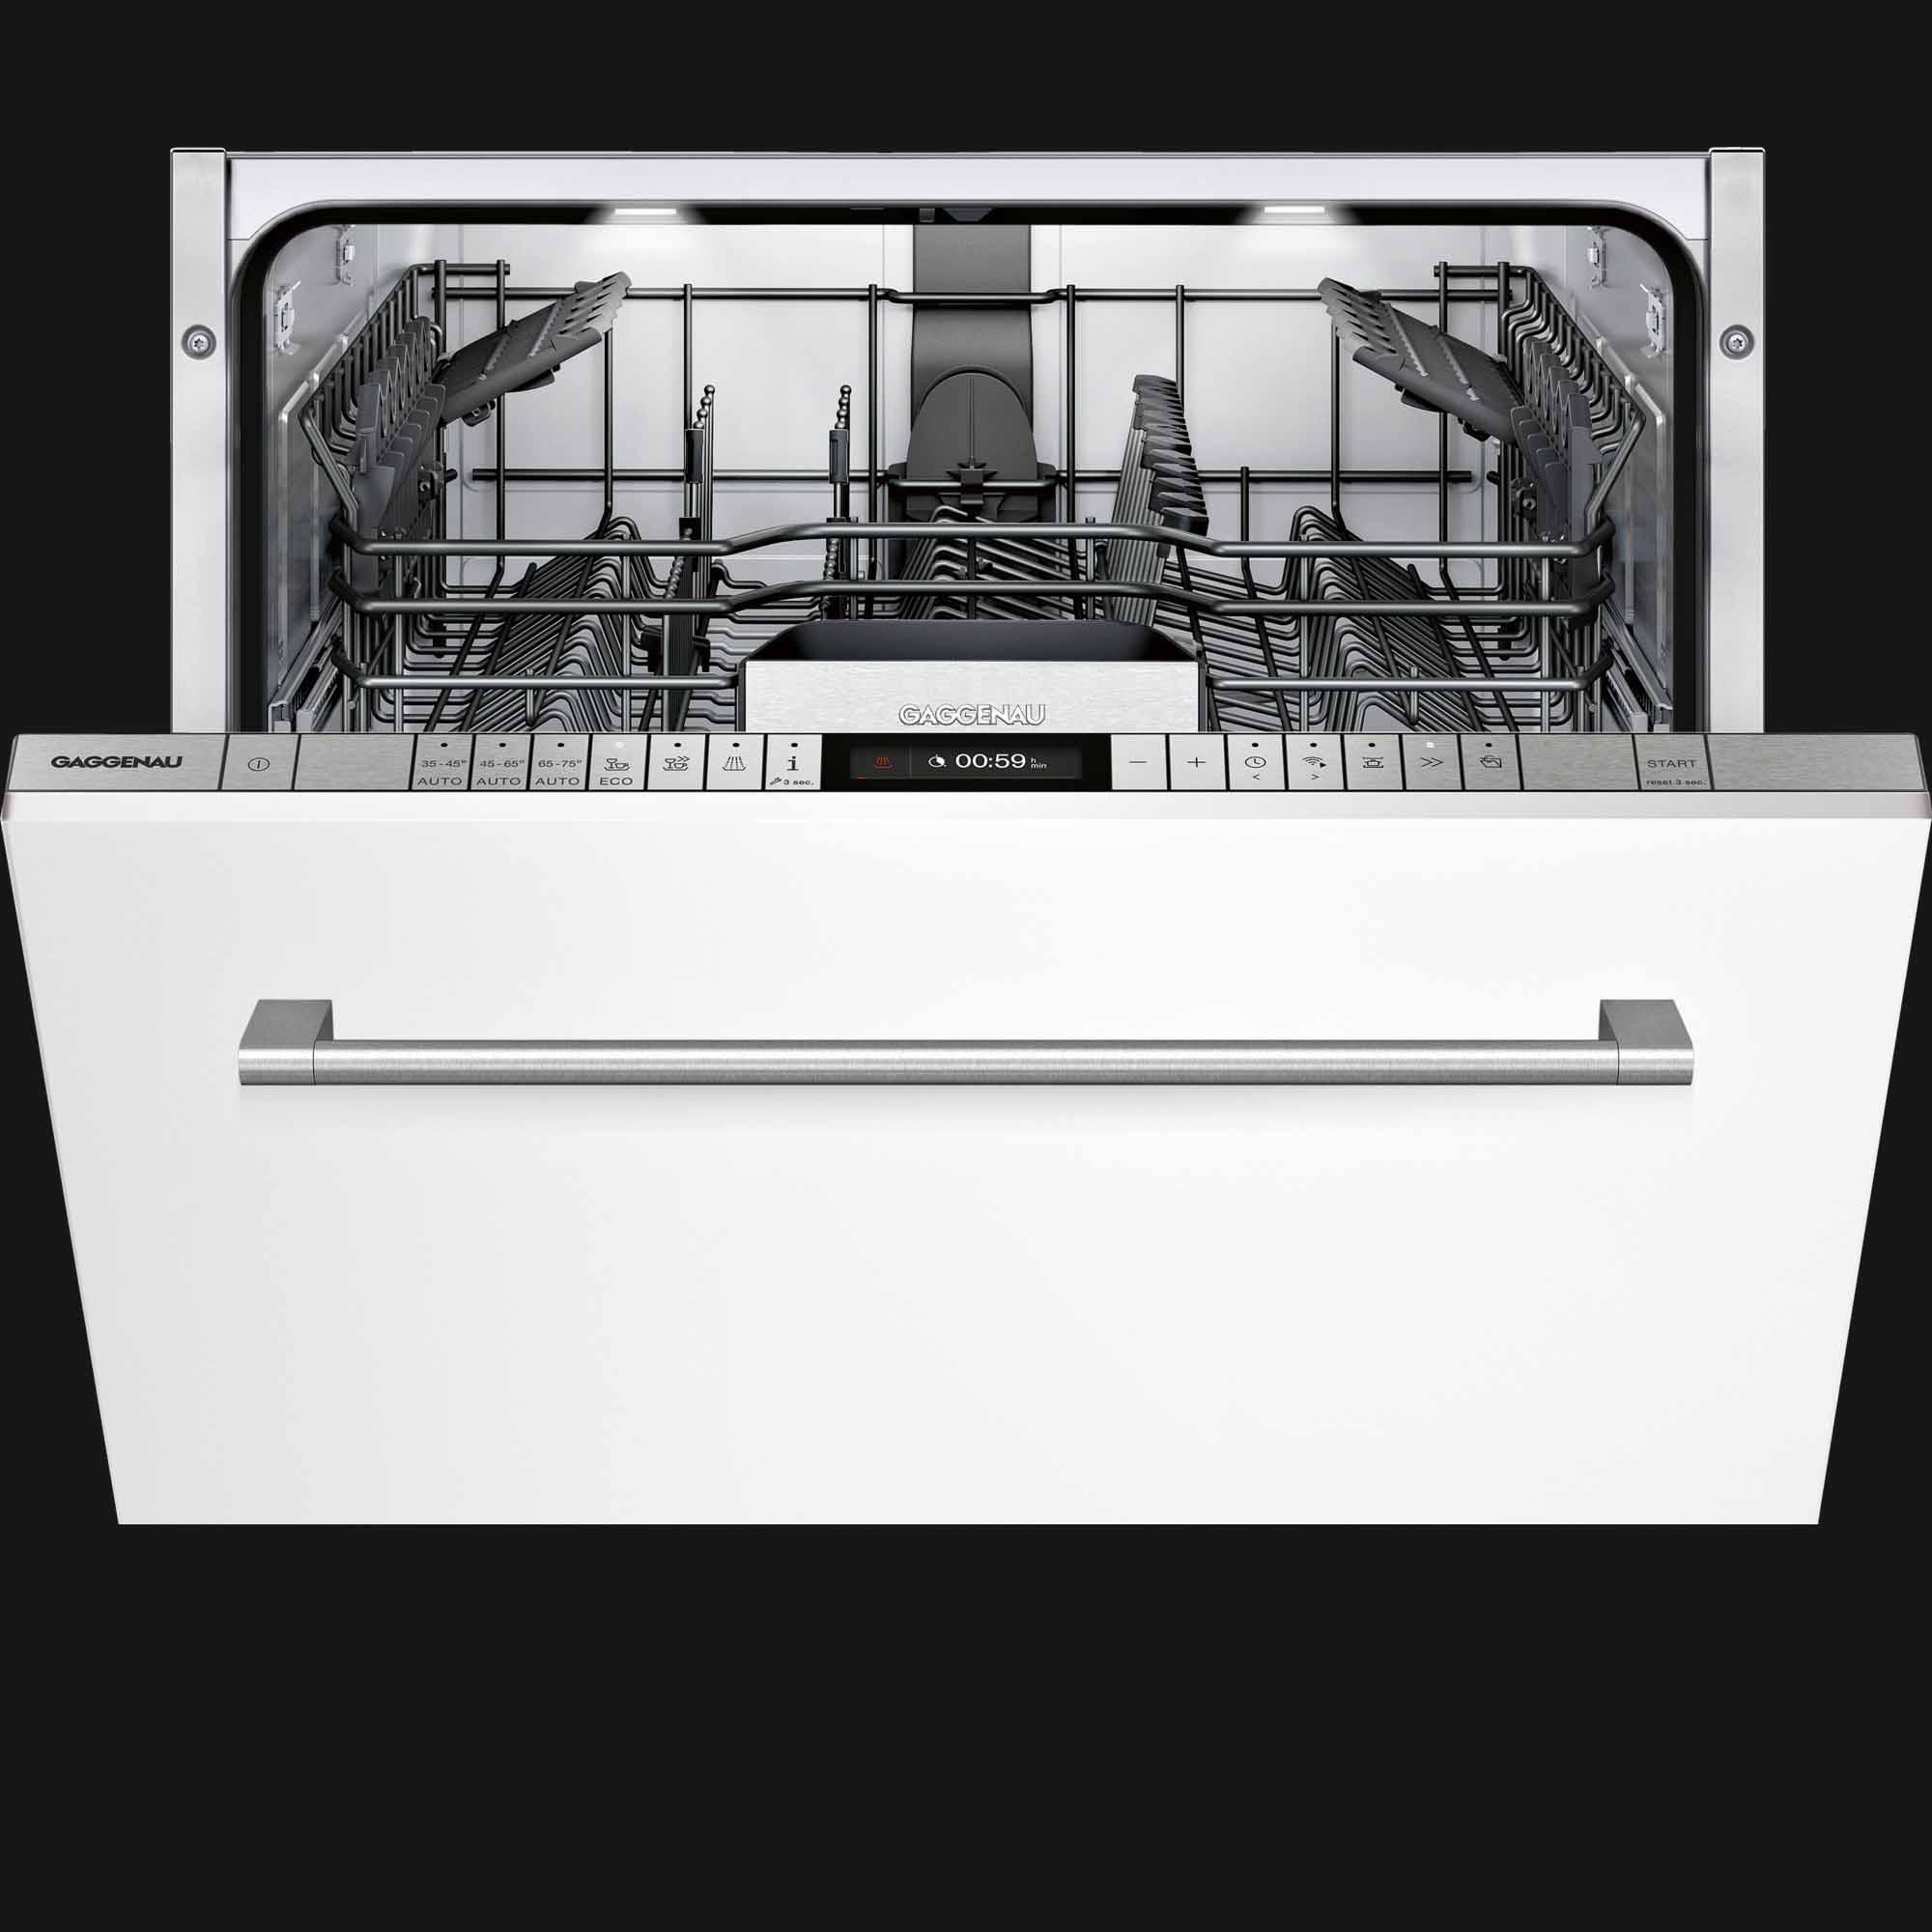 Посудомийна машина GAGGENAU DF261166F